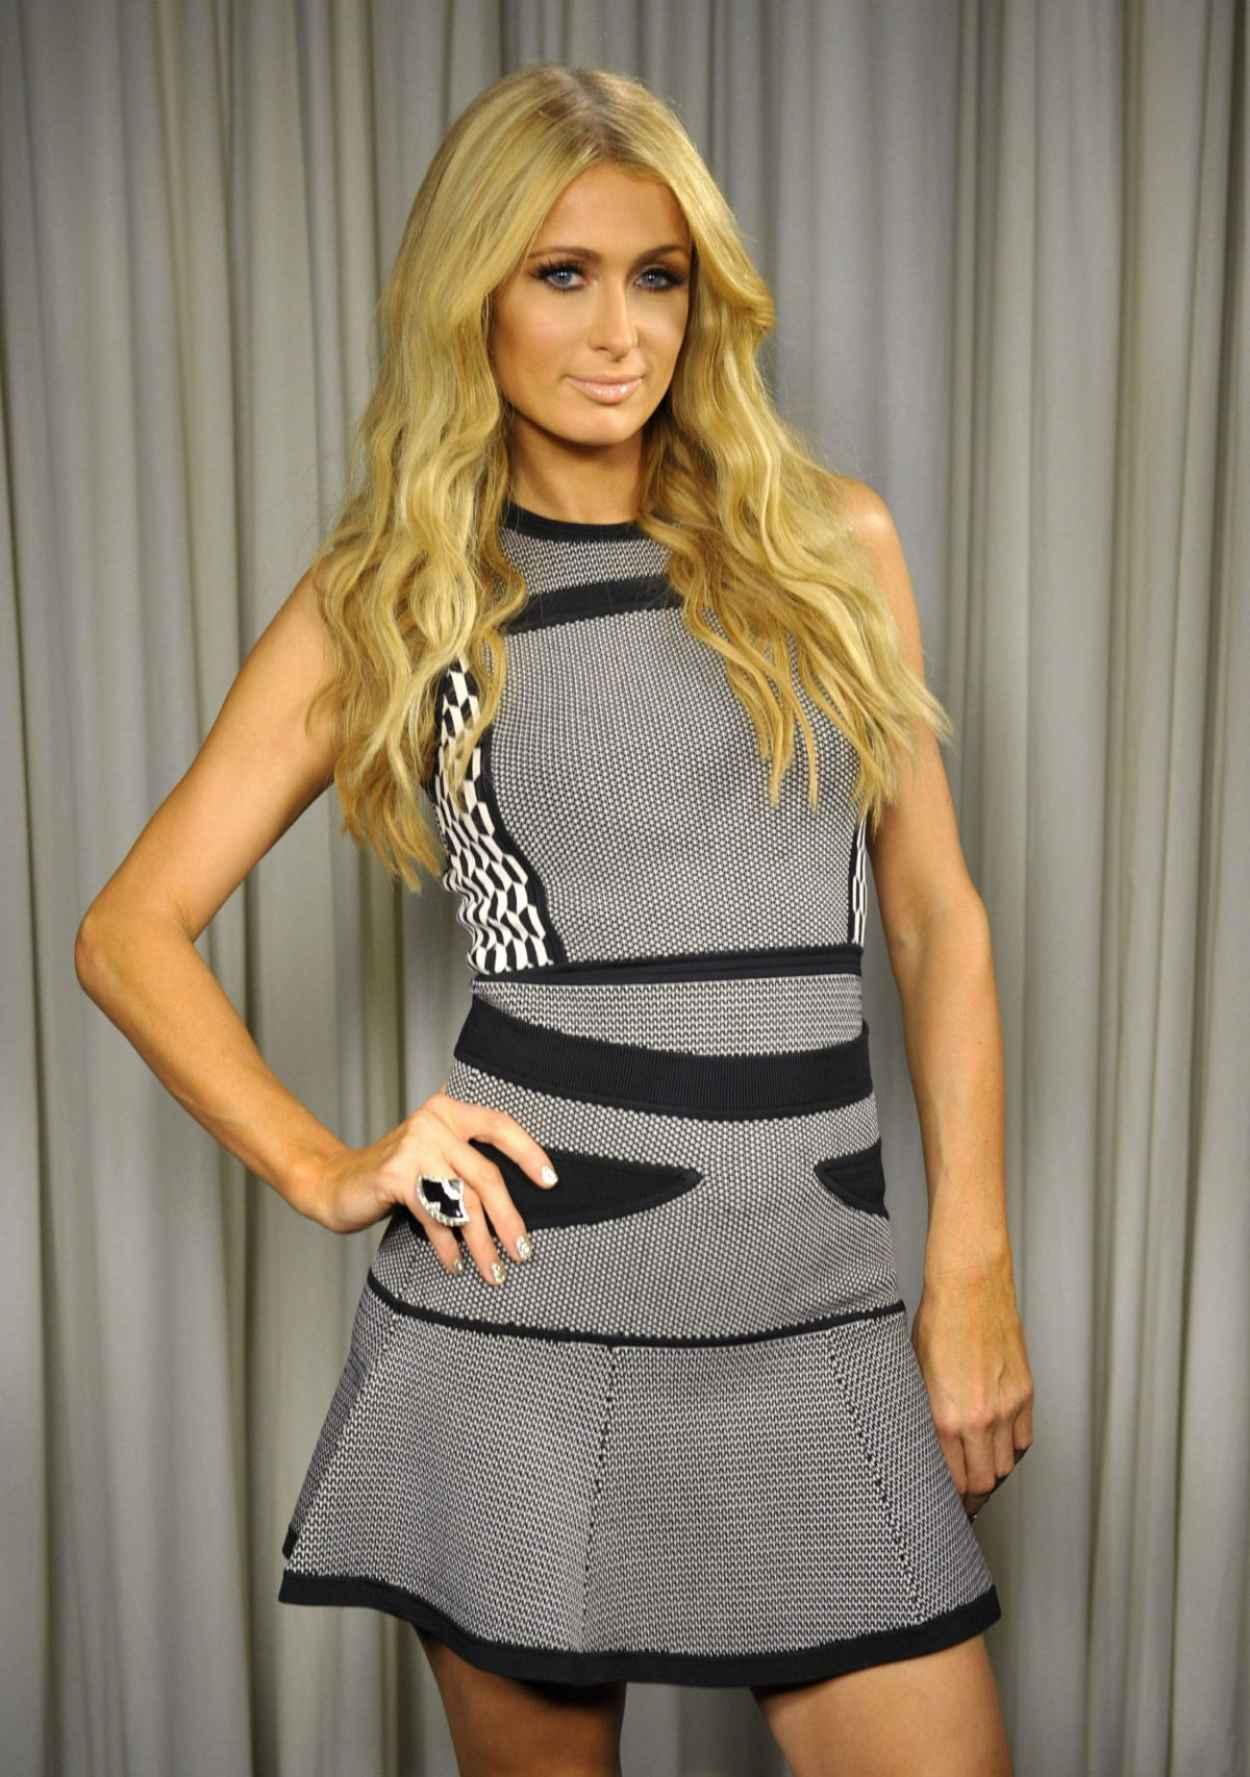 Paris Hilton Poses For a Portrait, Los Angeles October 2015-1